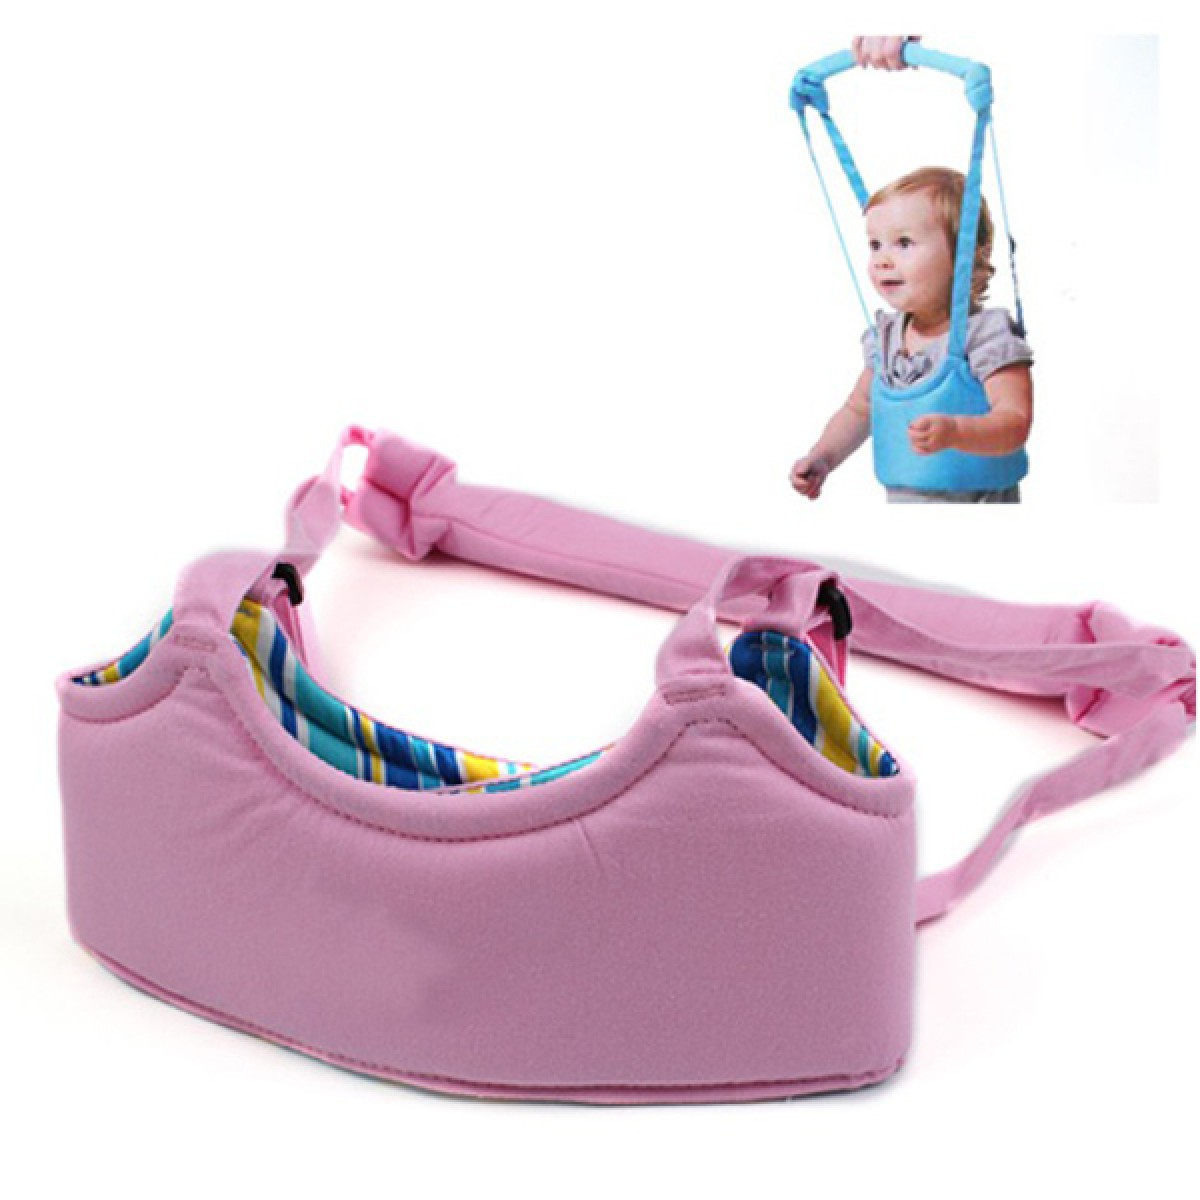 Περπατούρα Ζώνη Στήριξης Μωρού για τα Πρώτα του Βηματάκια ΡΟΖ- Baby Safety Walker-OEM